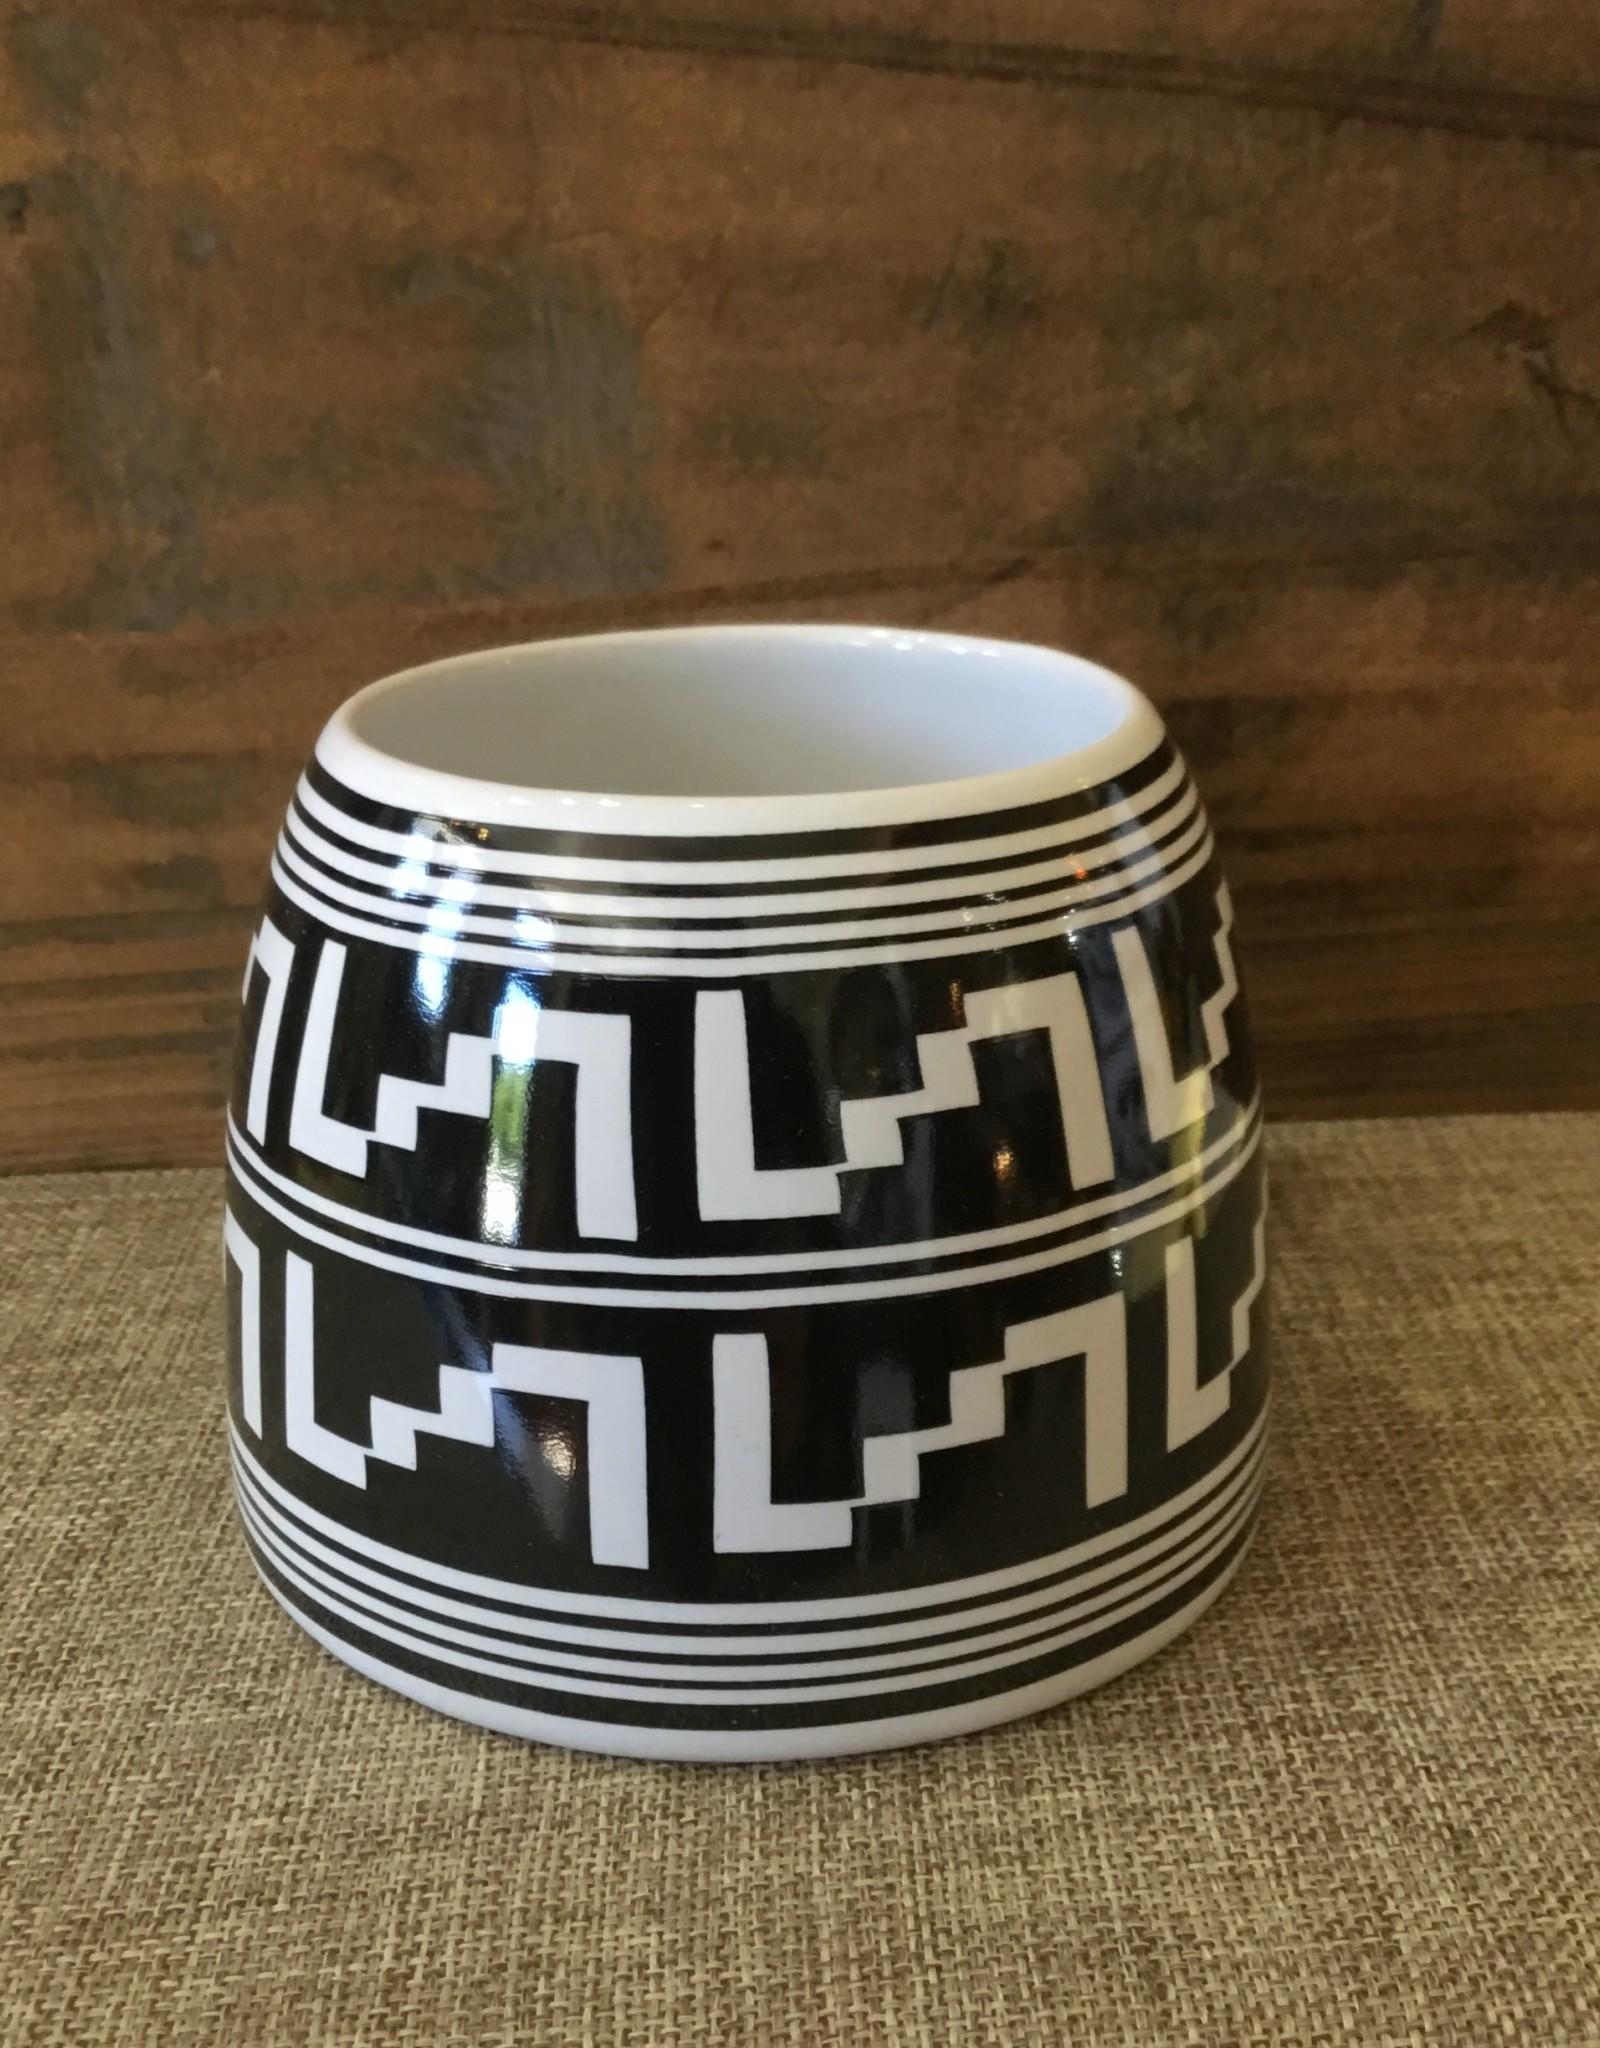 Treasure Chest Mugs Mug, Southwest Cliff Dweller style